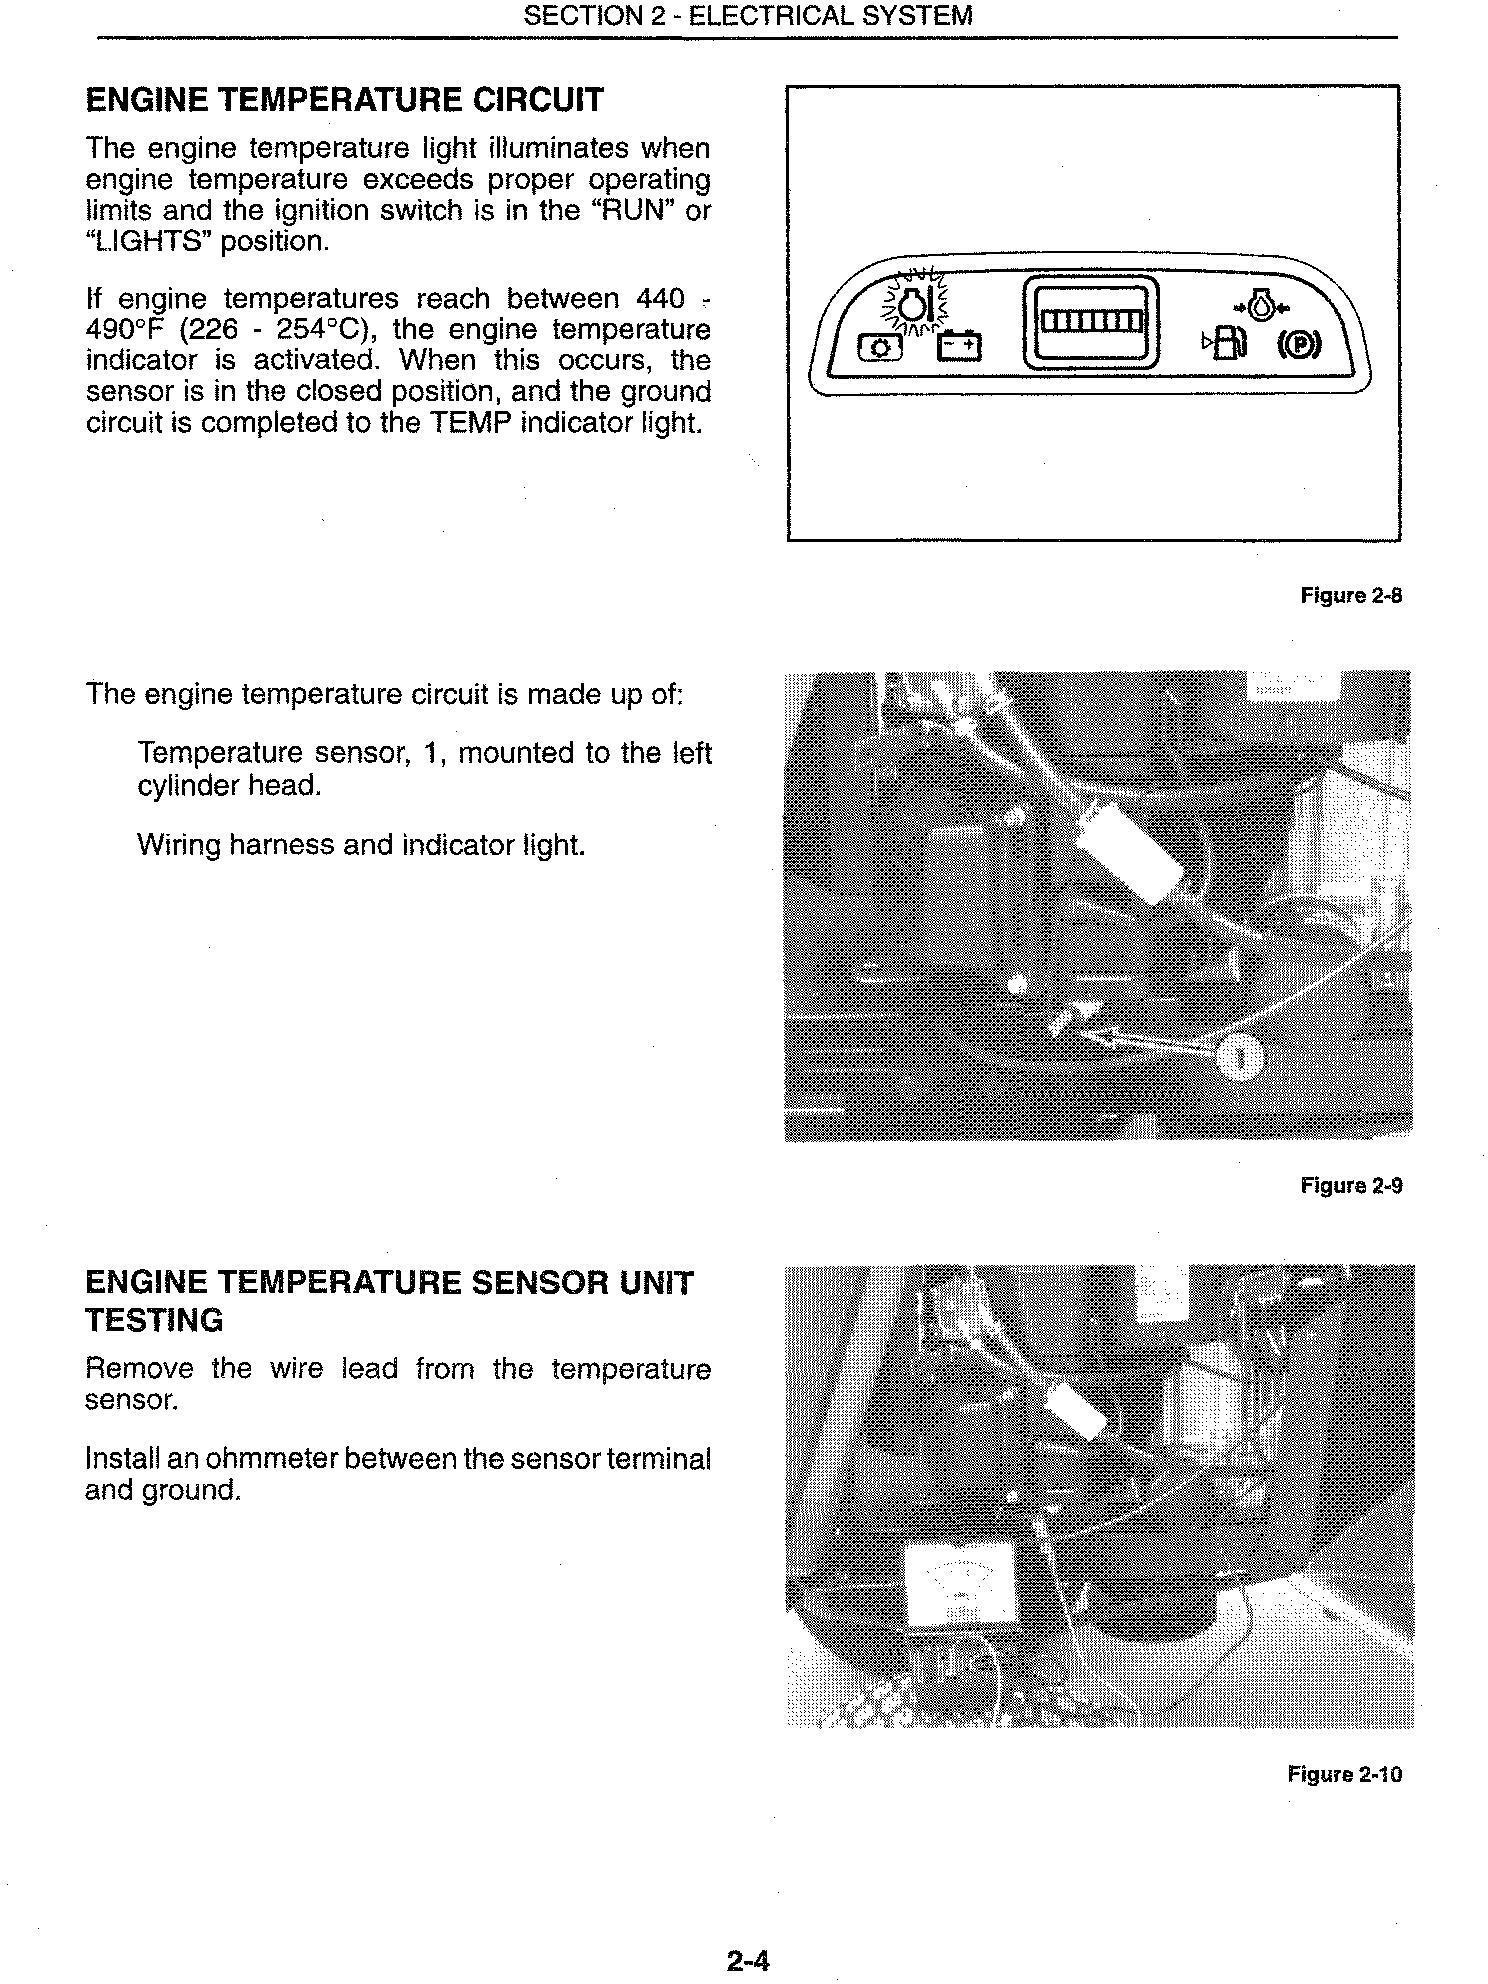 New Holland LS25, LS35, LS45, LS55 Yard Tractor Service Manual Service Manual - 1